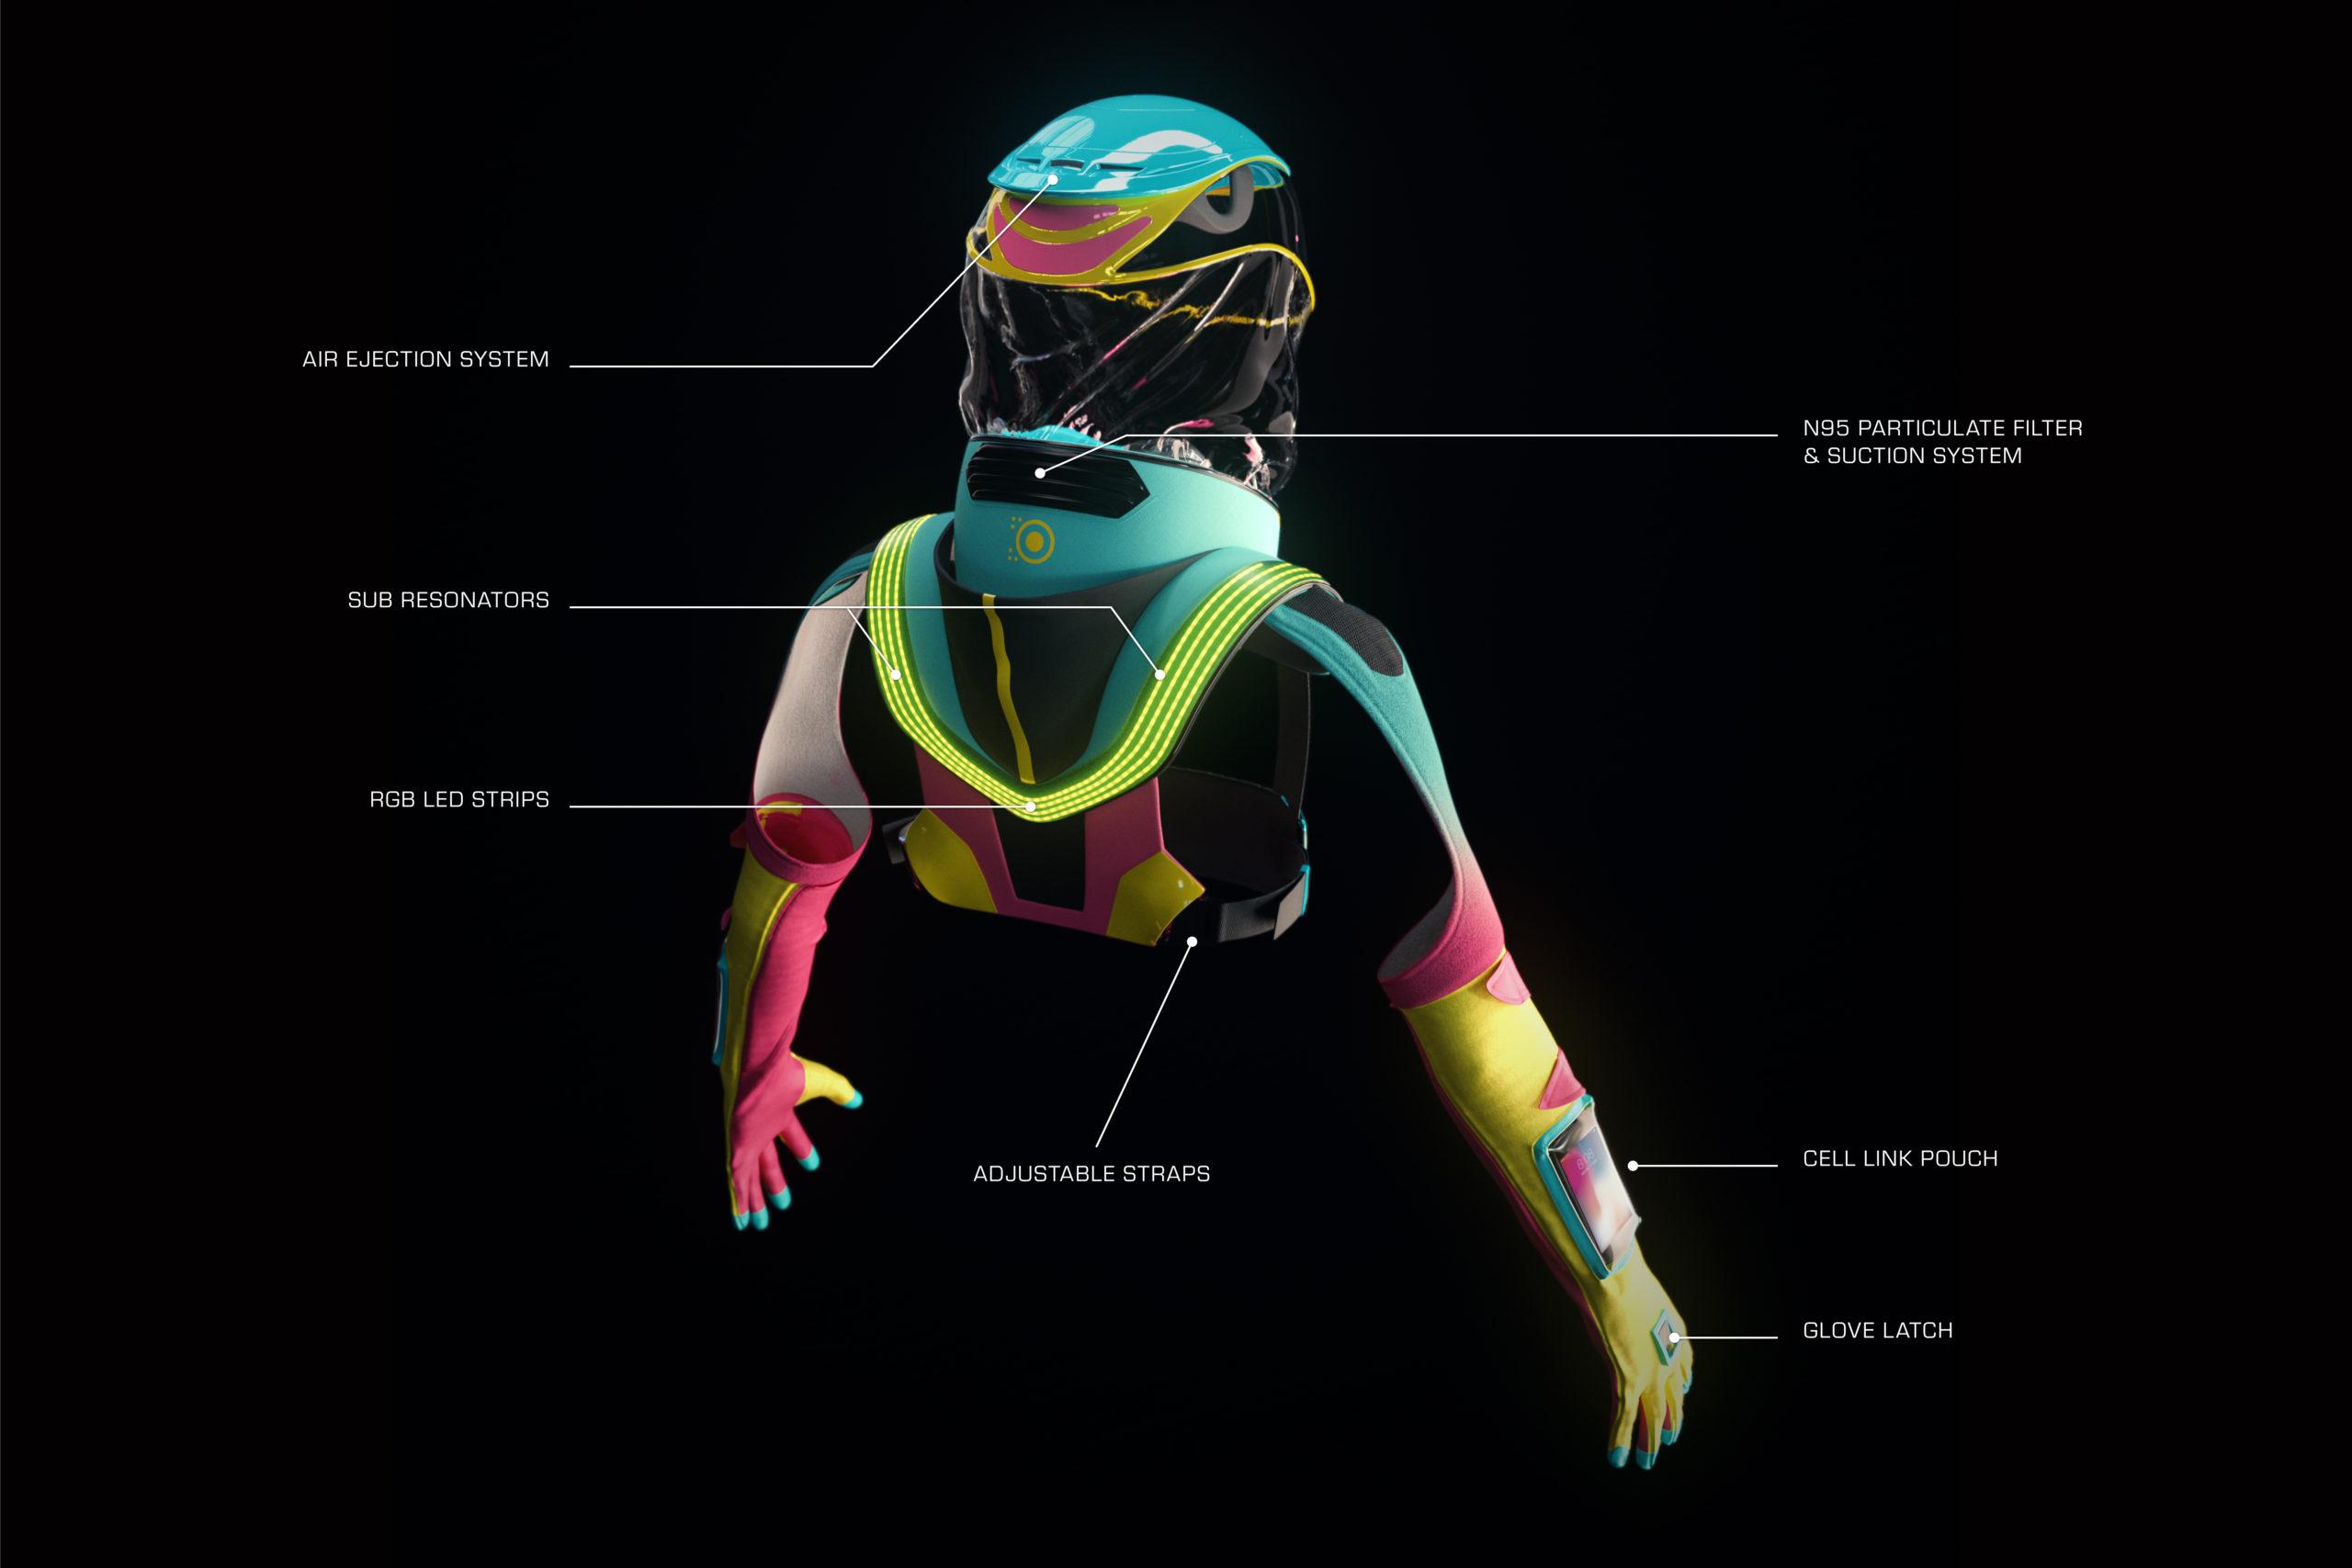 PPE Suit details